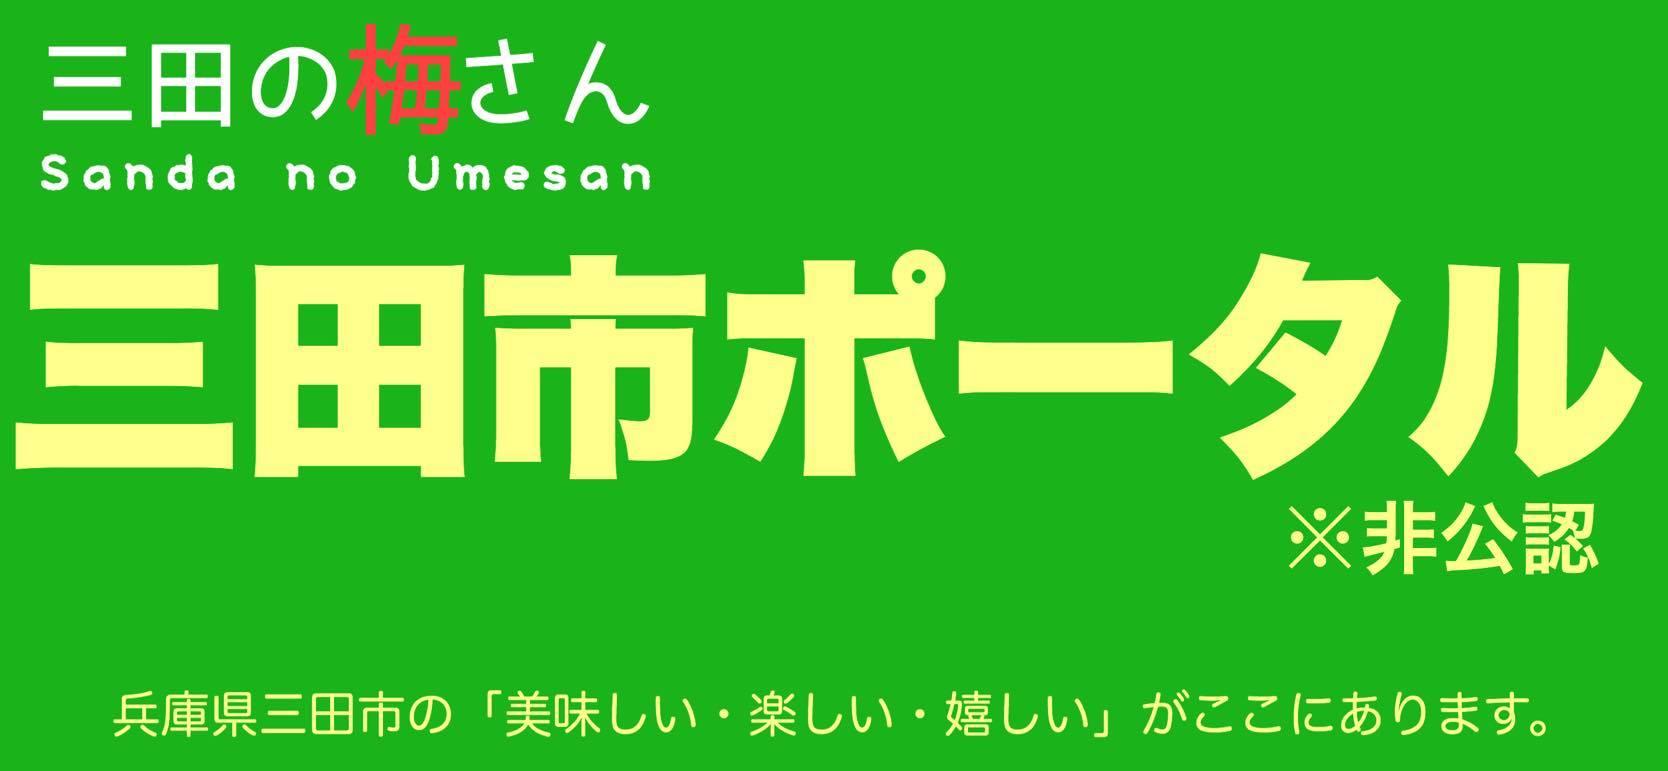 三田の梅さん ~Sanda Portal~※非公式